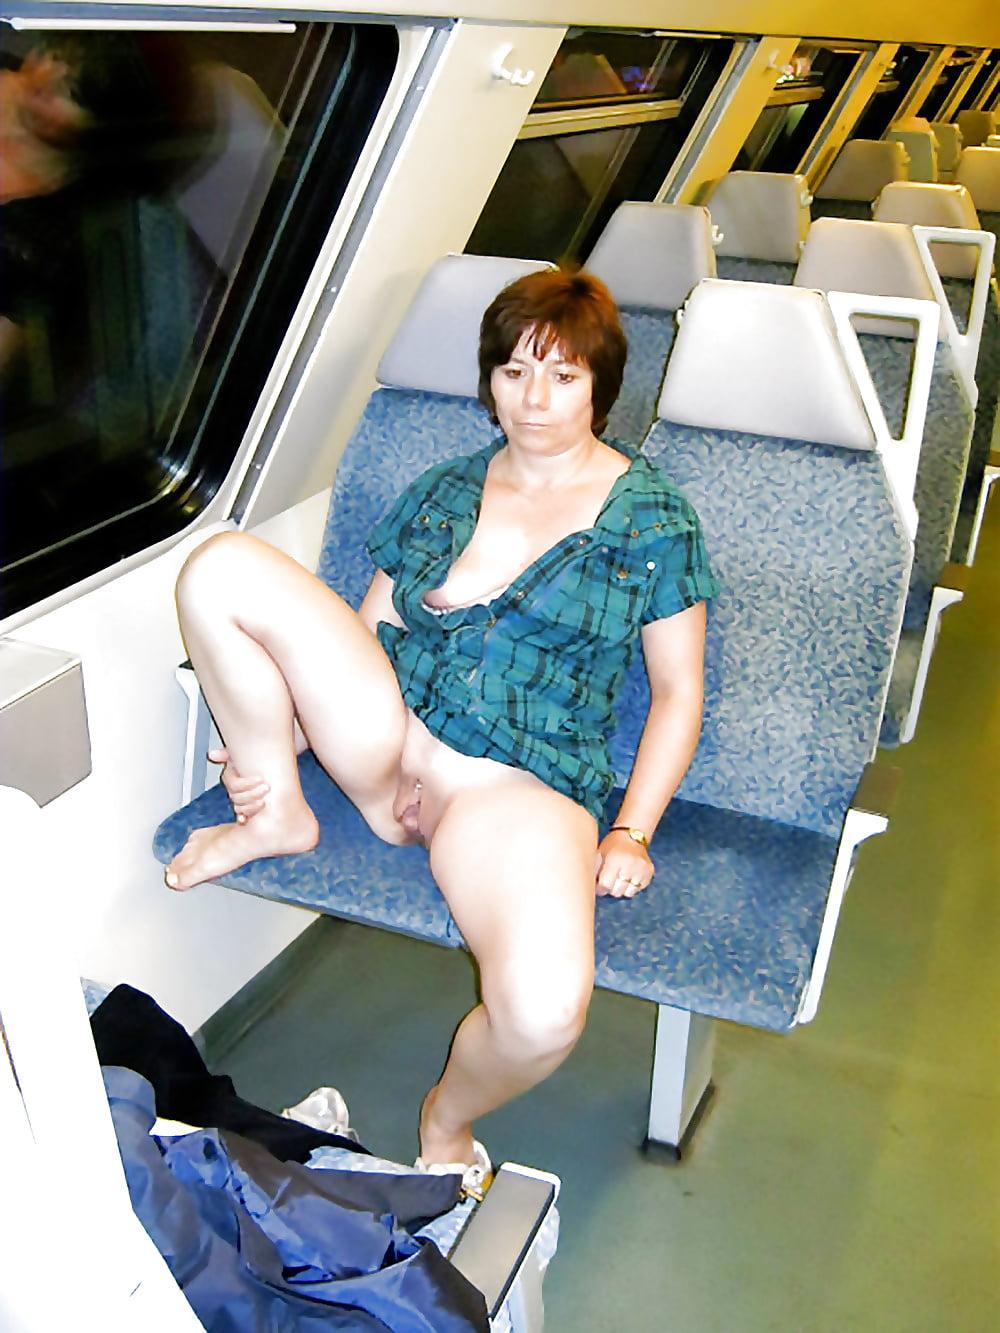 зрелые в поезде - 10